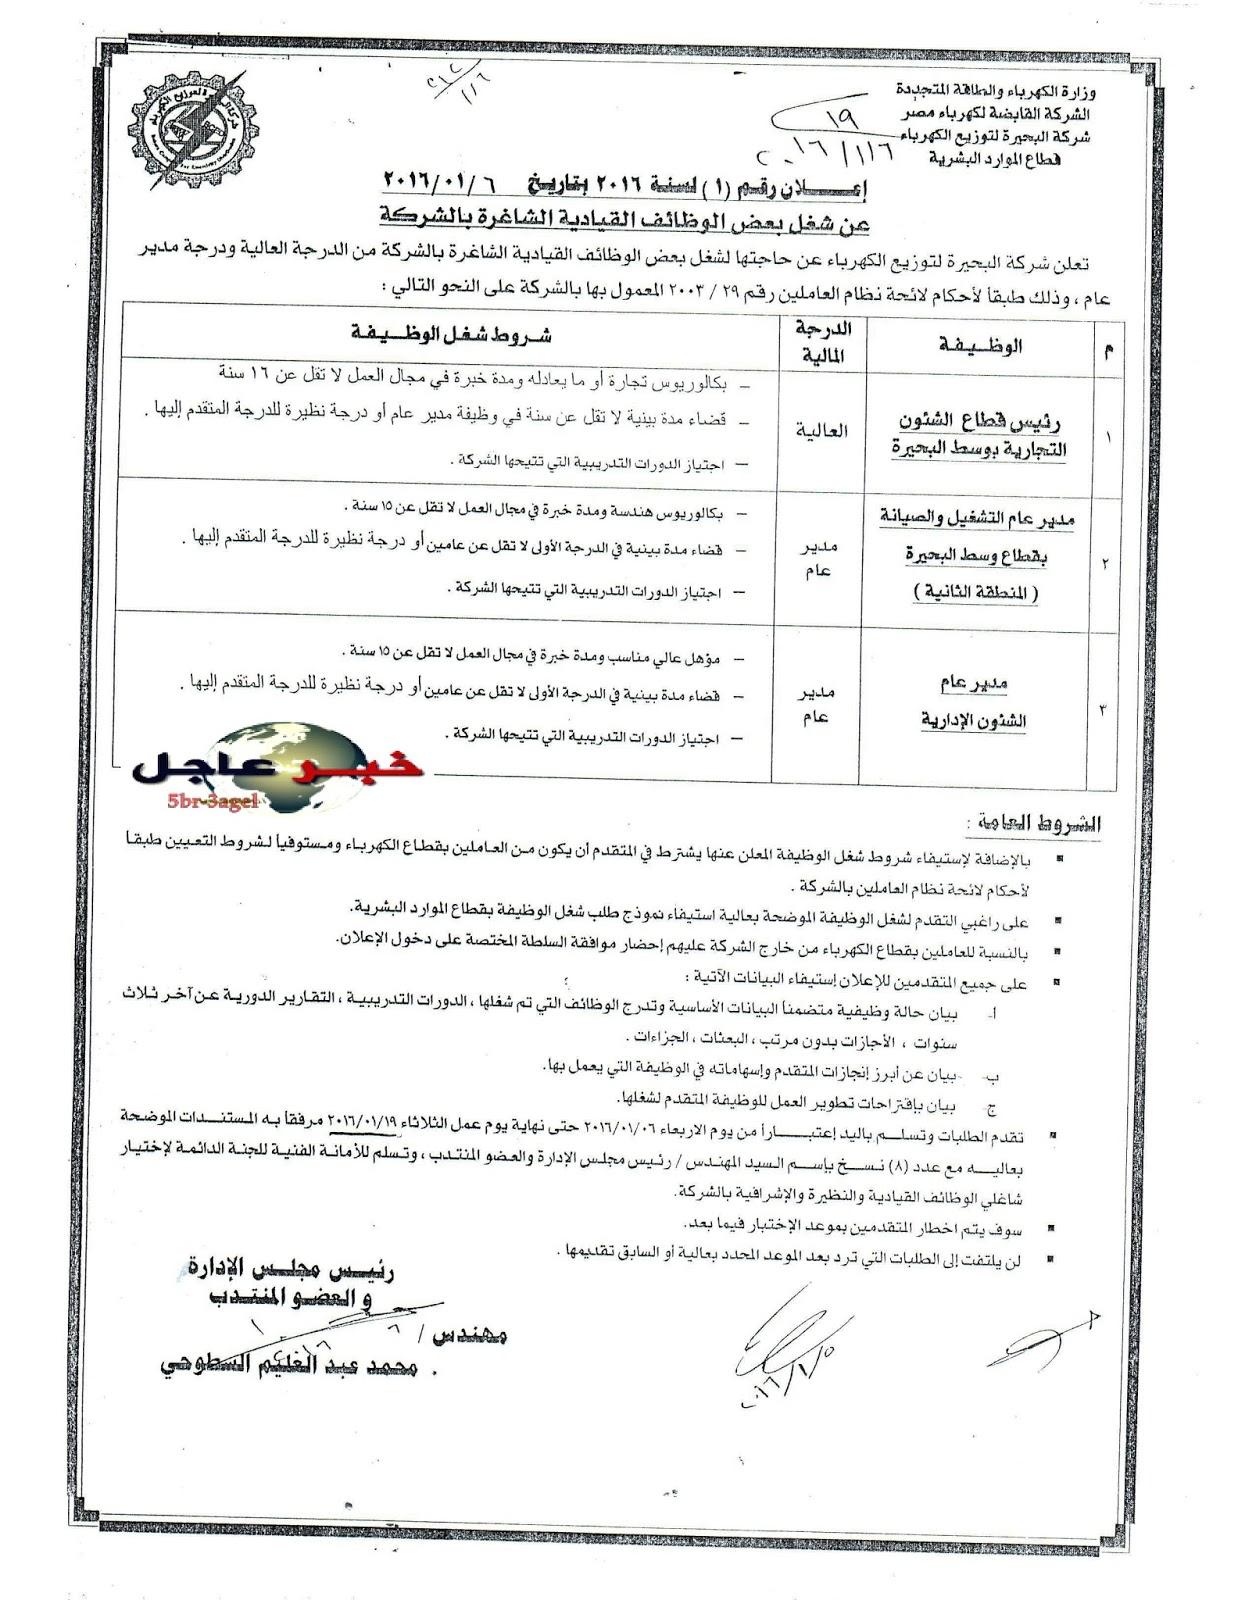 """وظائف وزارة الكهرباء والطاقة """" 3 اعلانات """" والاوراق المطلوبة والتقديم حتى 31 / 1 / 2016"""